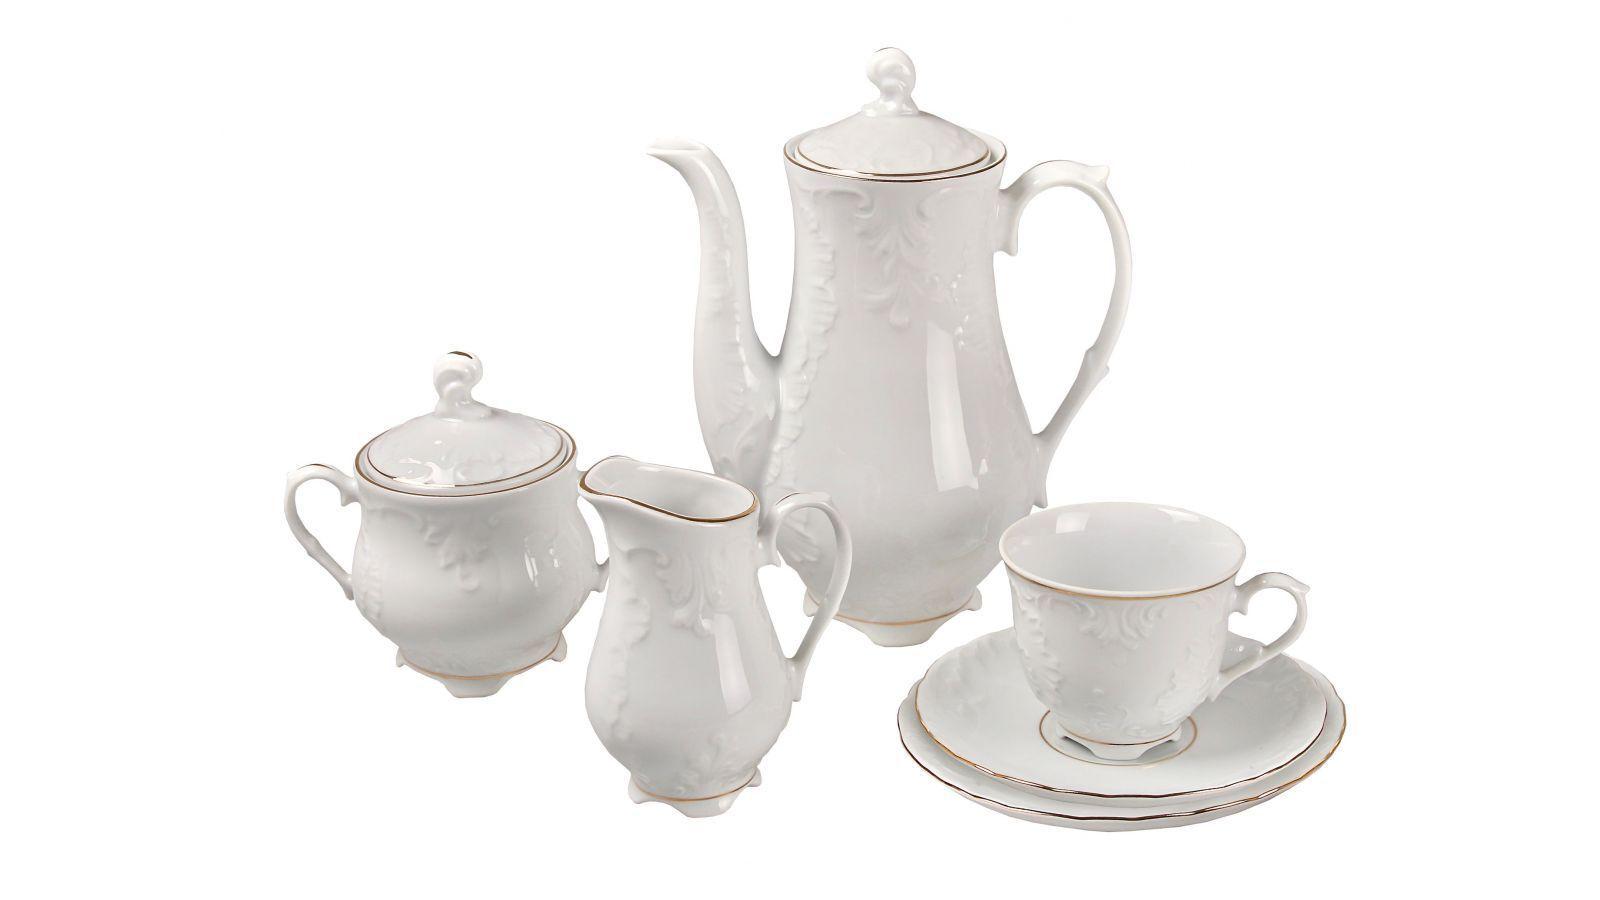 39 Pièces Porcelaine Tea Coffee Set Tasses soucoupes pot tasses théière fine or service